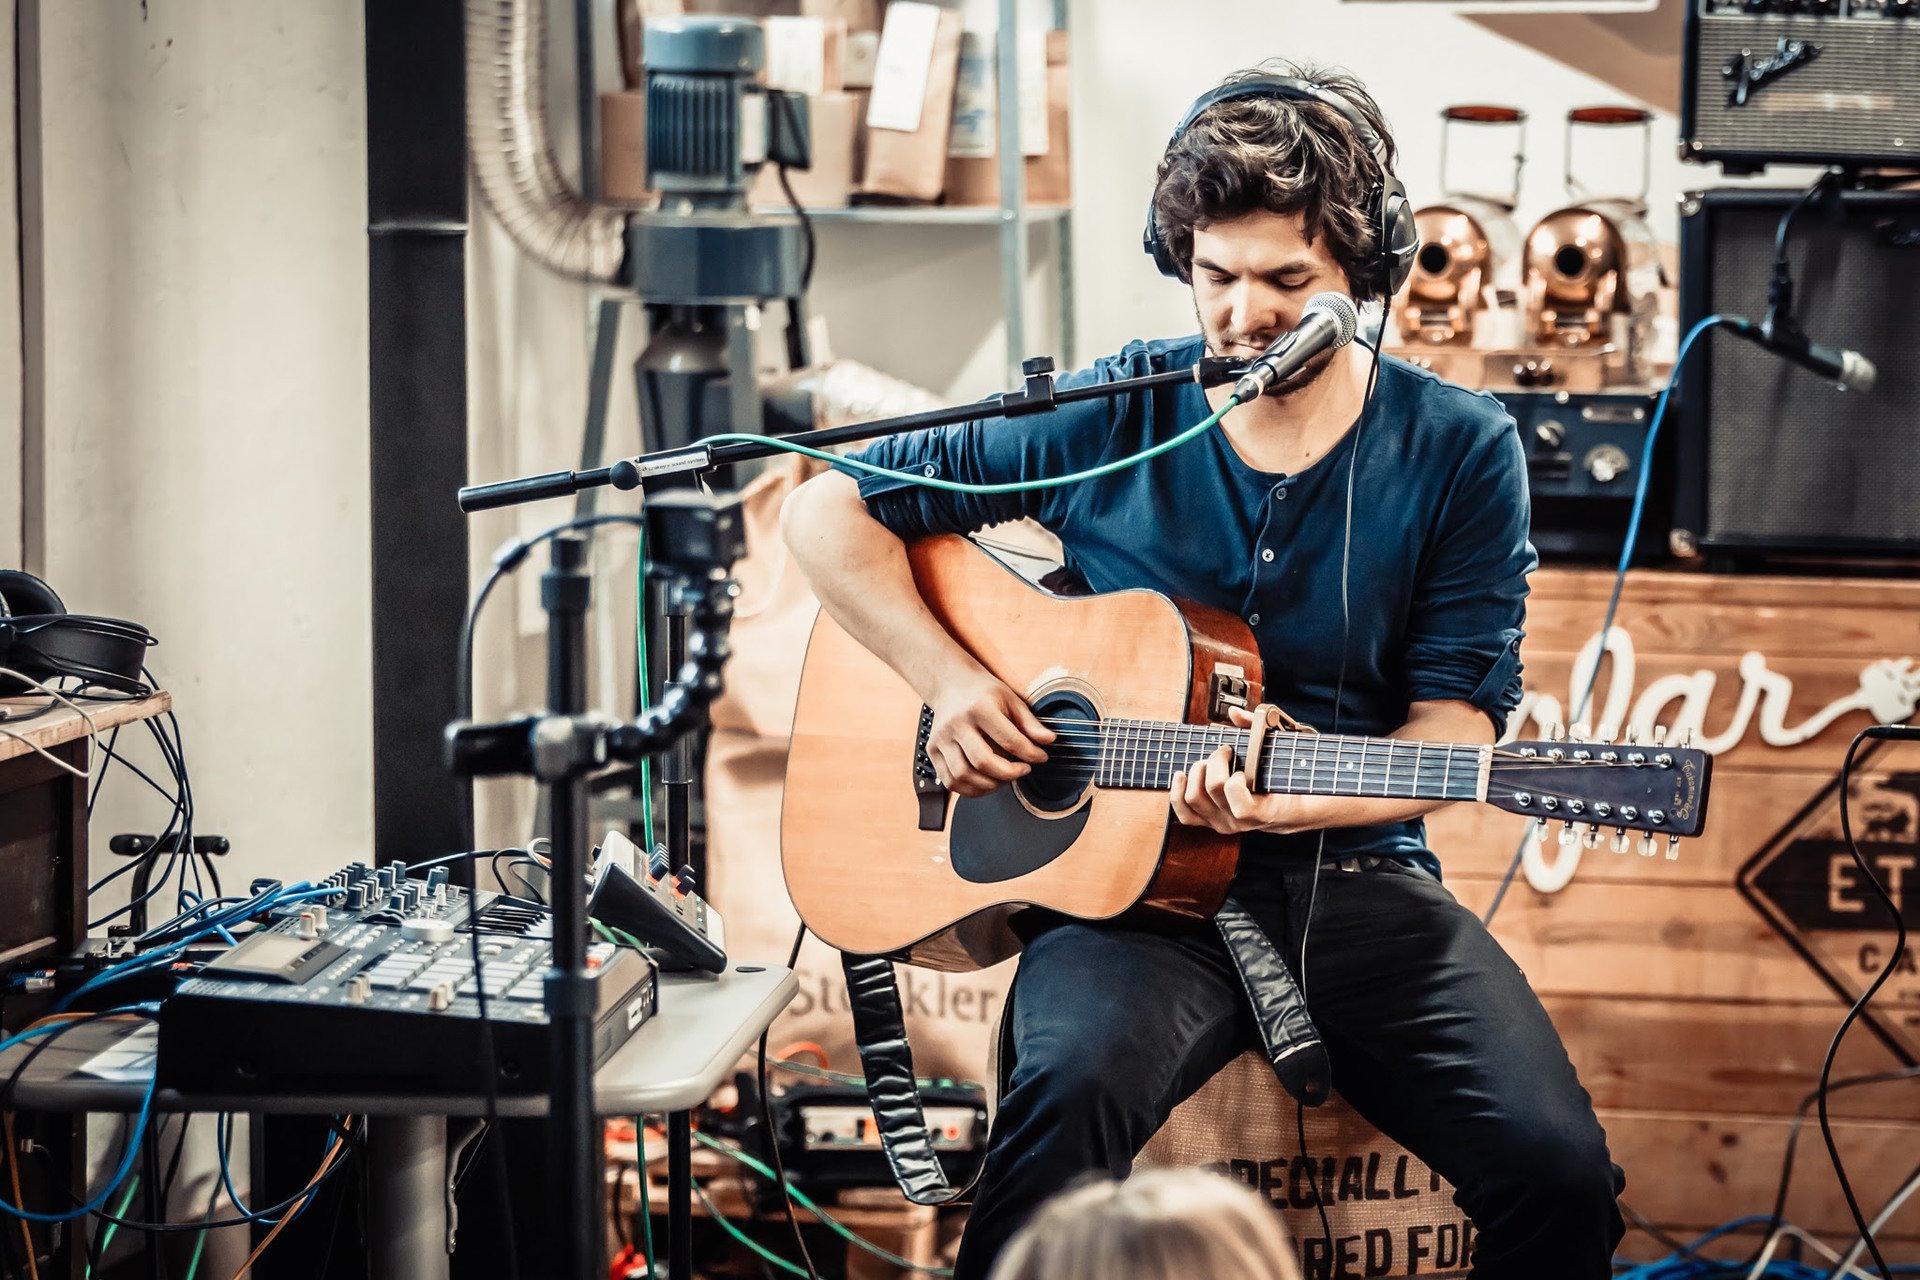 Urodzinowy koncert Sofar Sounds w palarni Etno Cafe